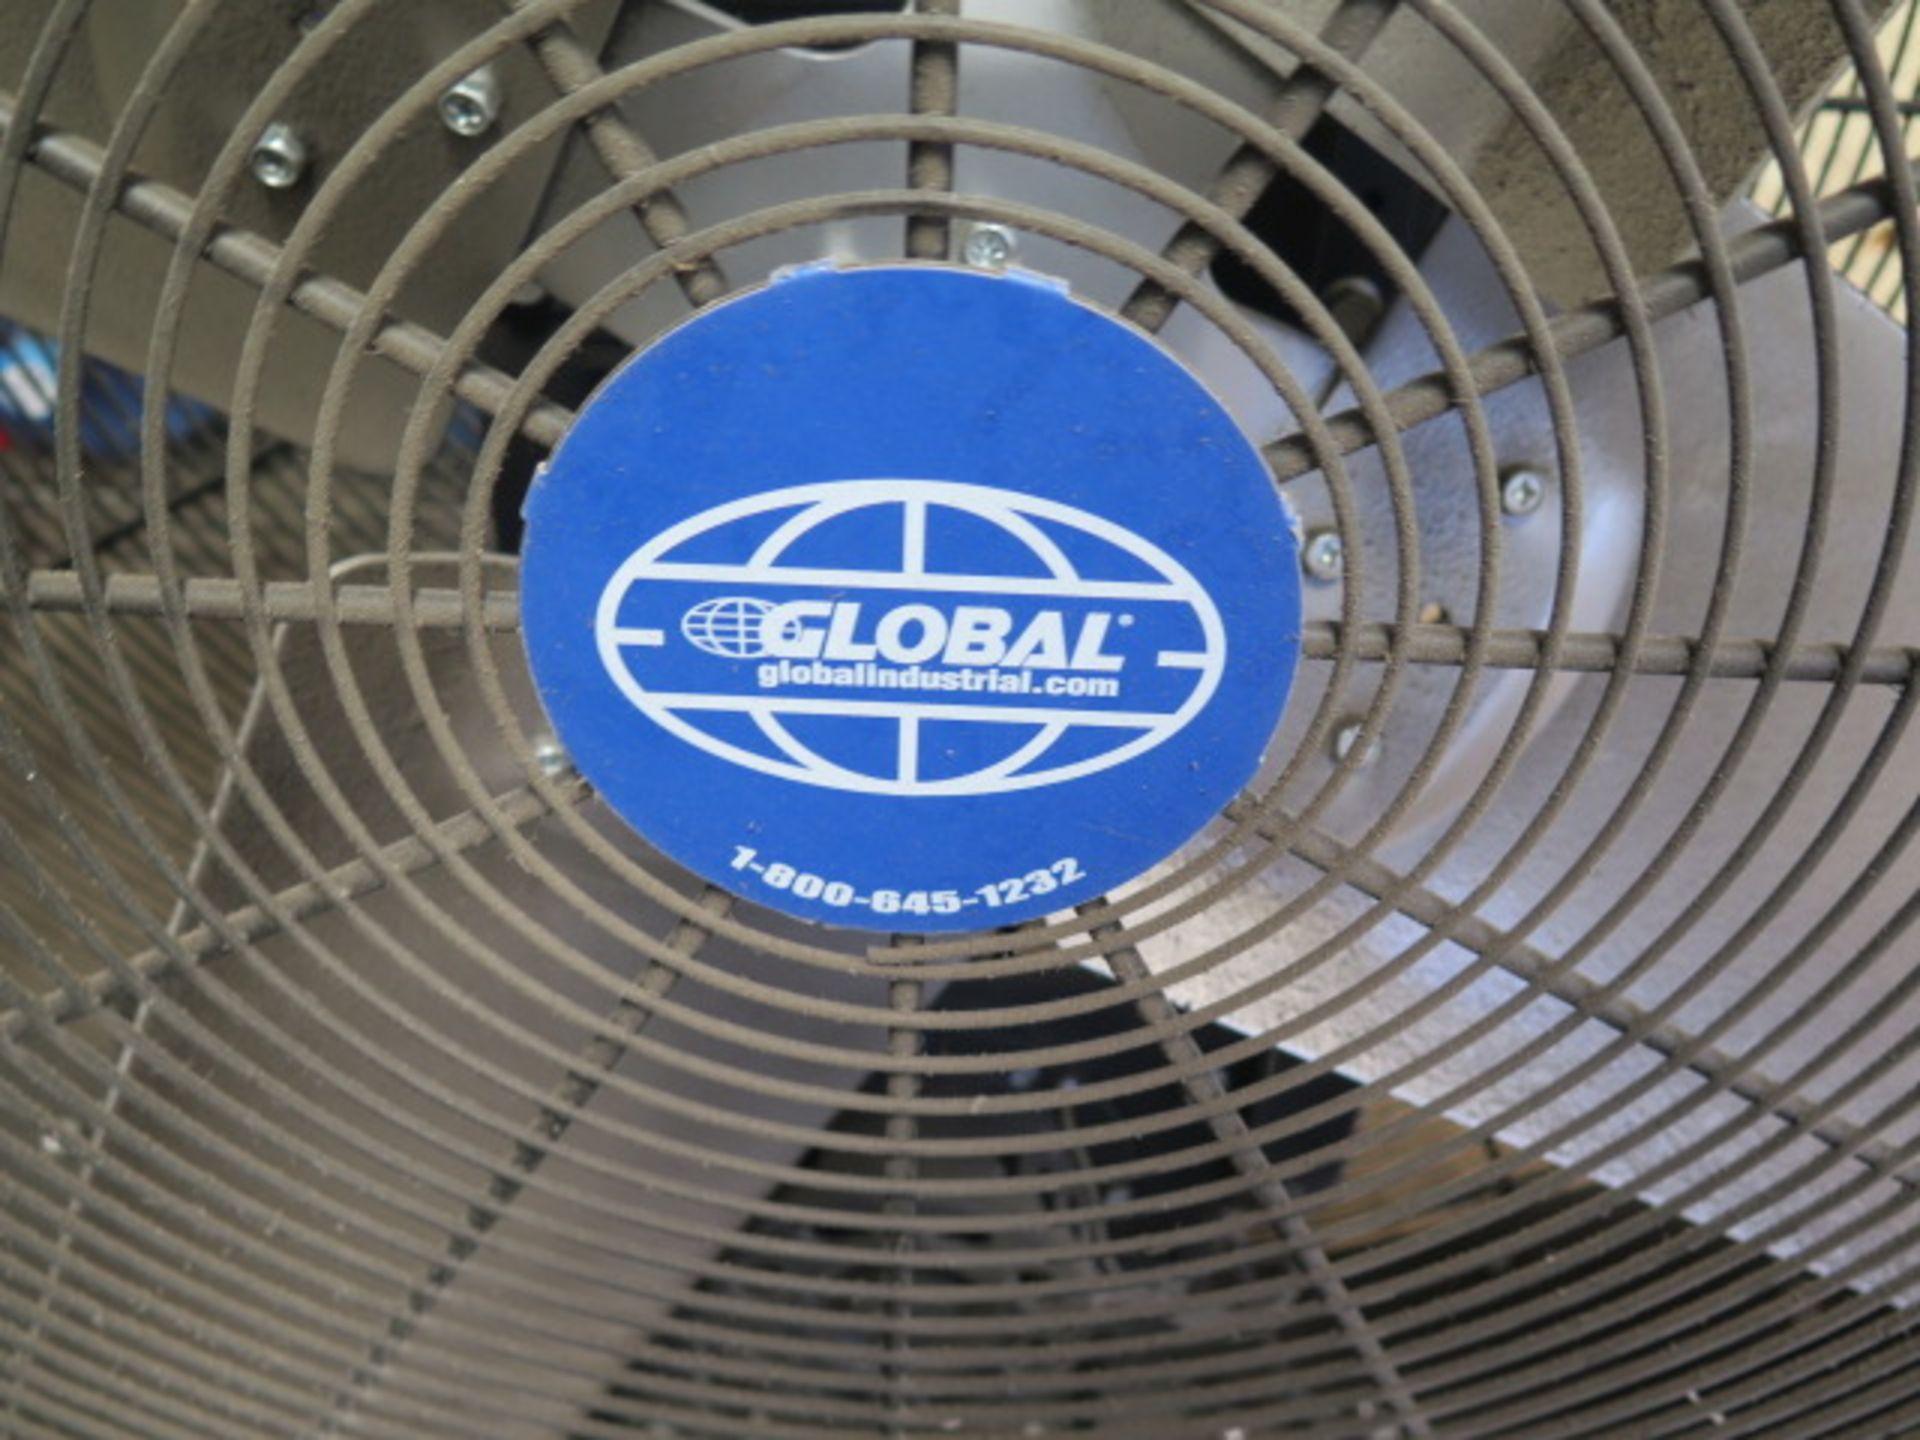 Shop Fan (SOLD AS-IS - NO WARRANTY) - Image 3 of 3